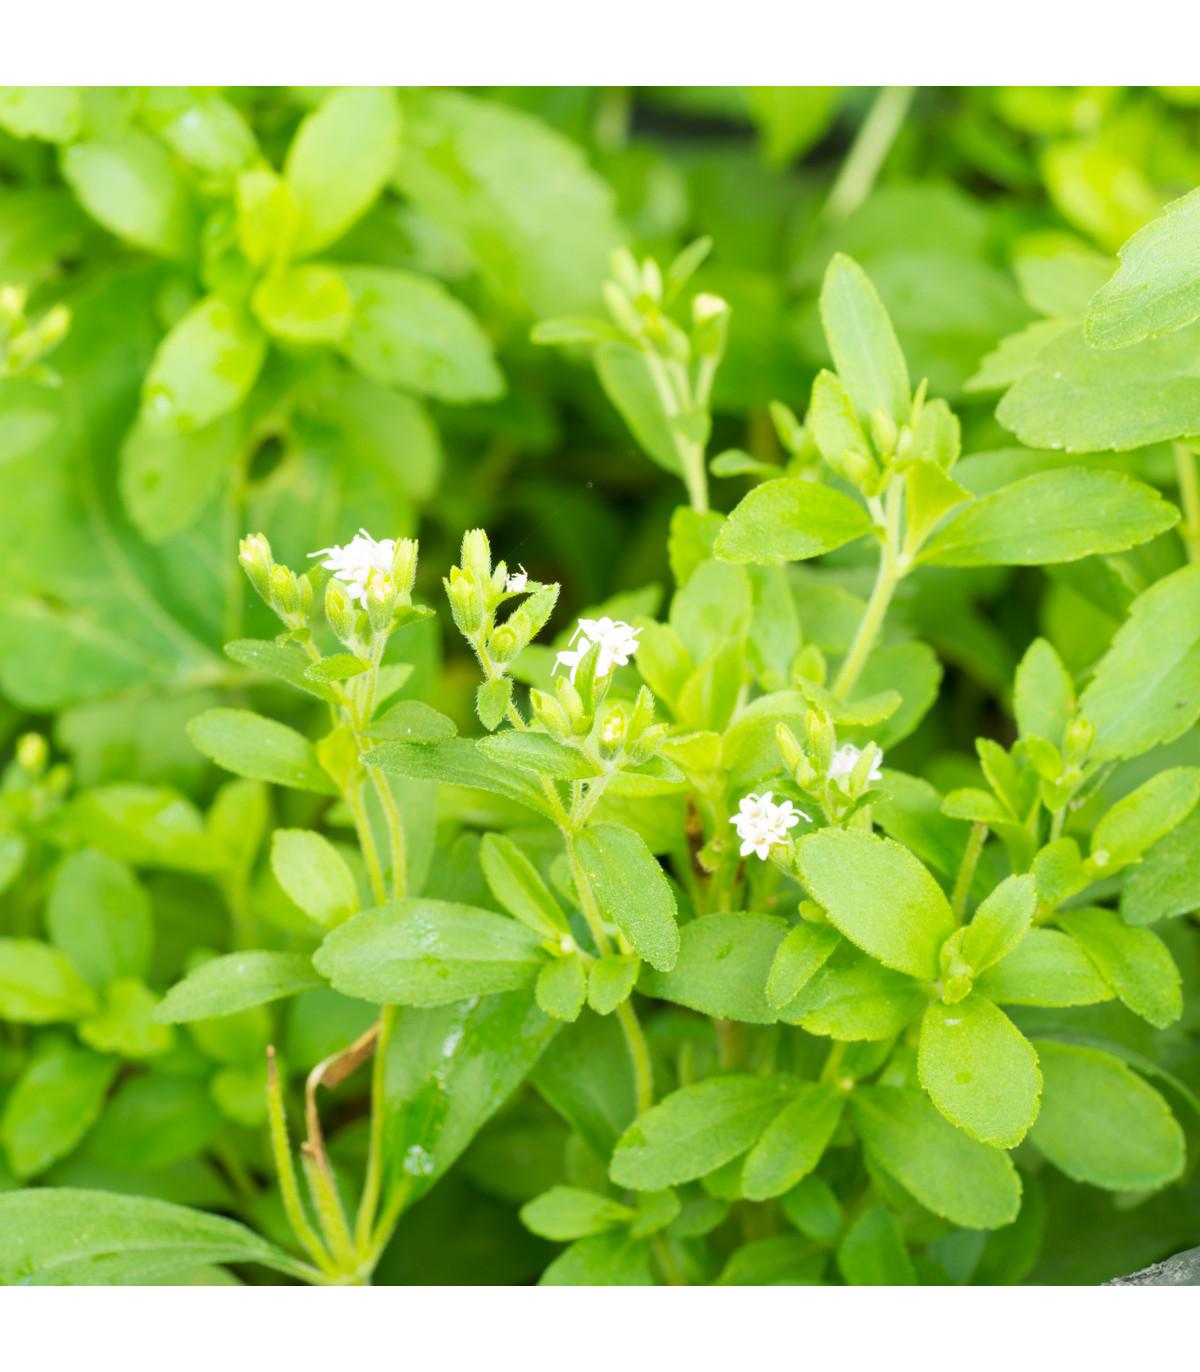 Stévie sladká - Stevia rebaudiana - osivo stévie - 15 ks